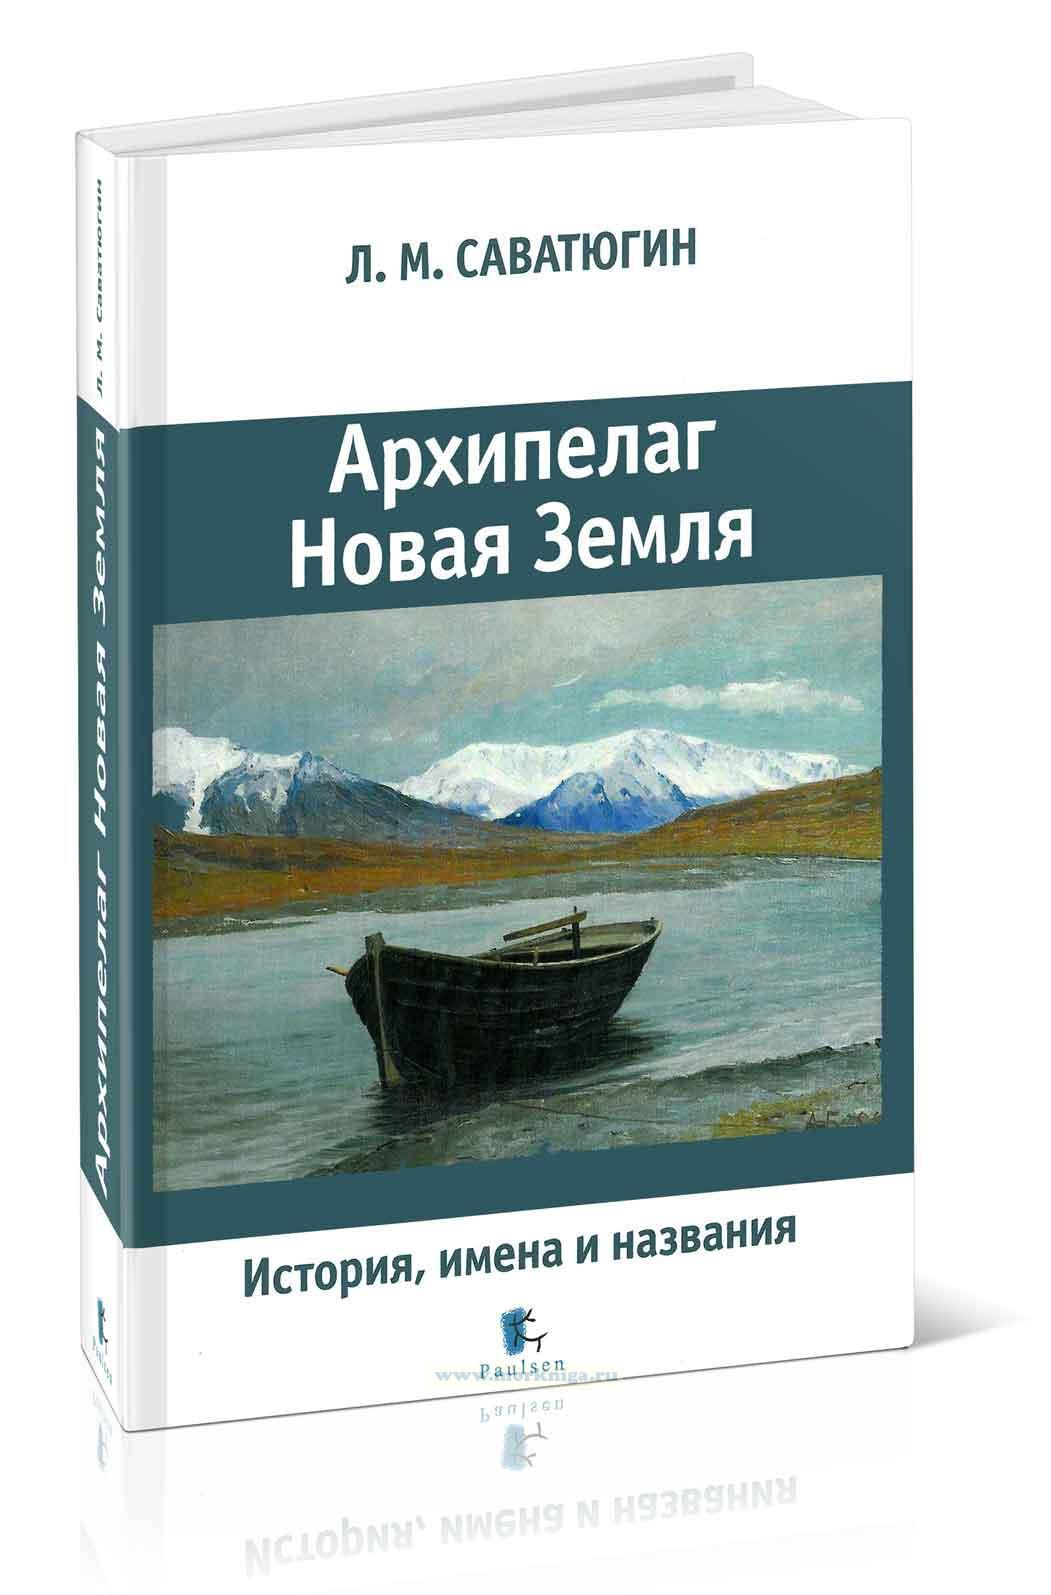 Архипелаг Новая Земля. История, имена и названия